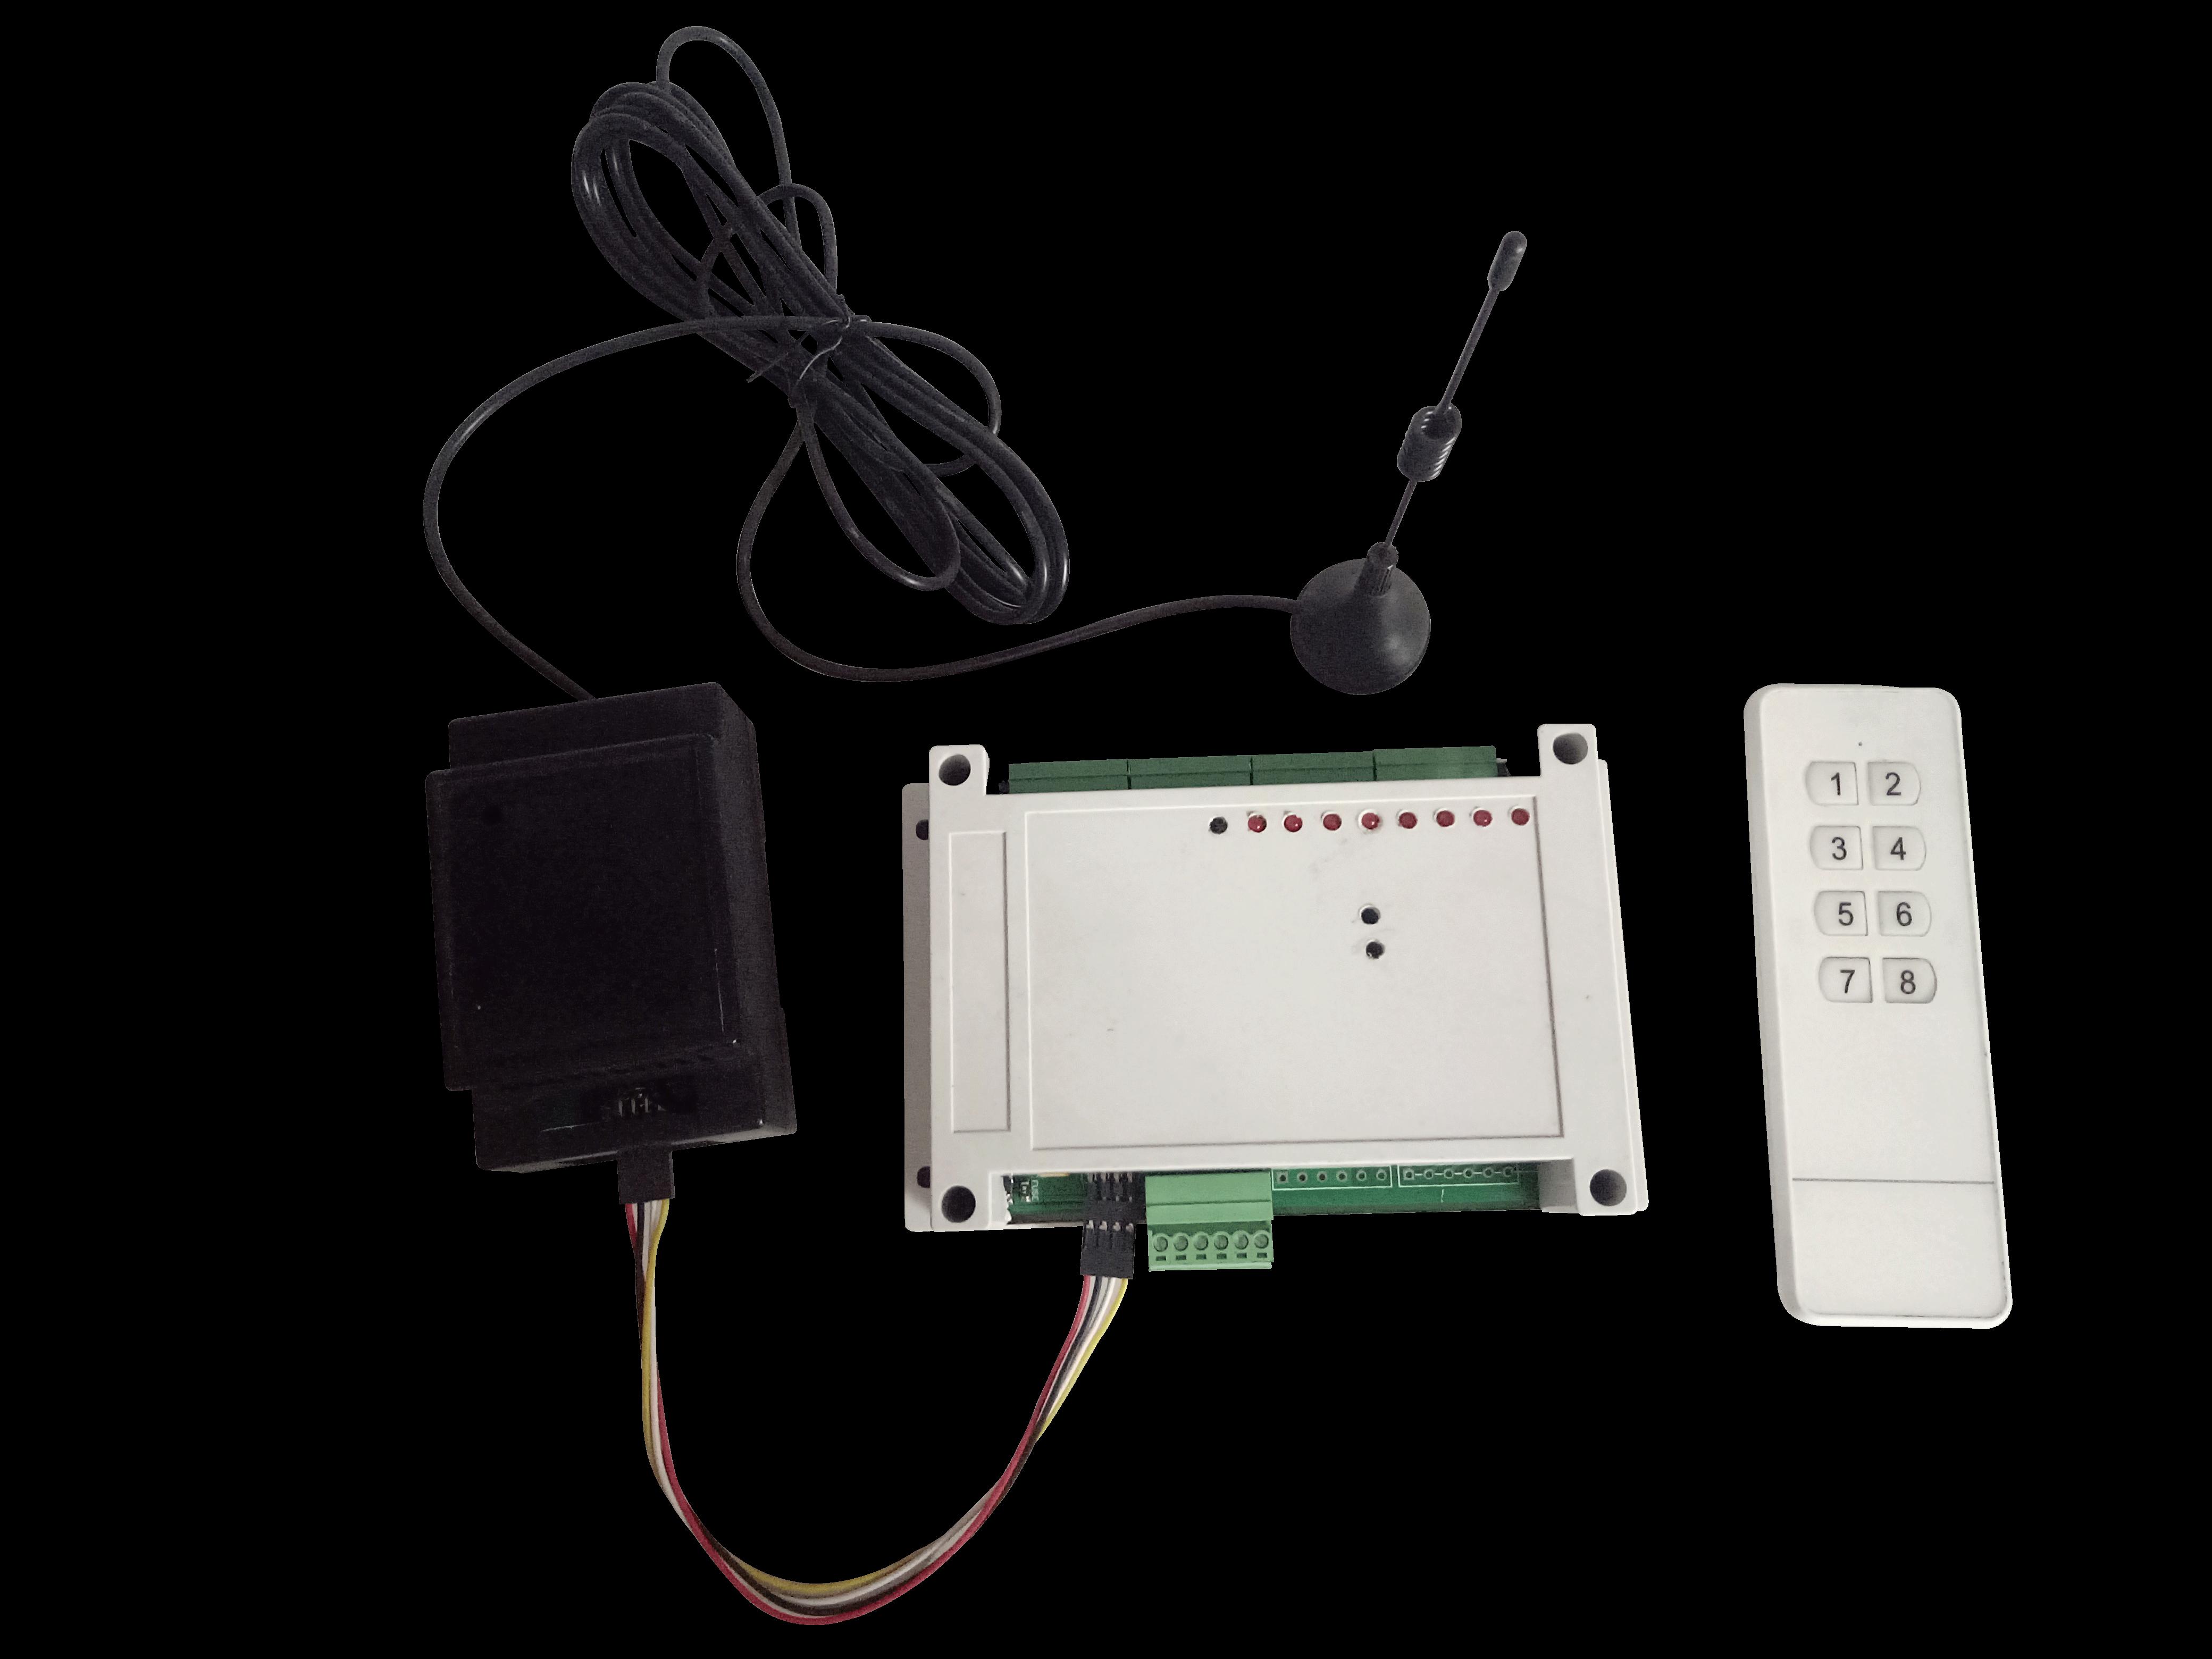 手持無線遙控器1